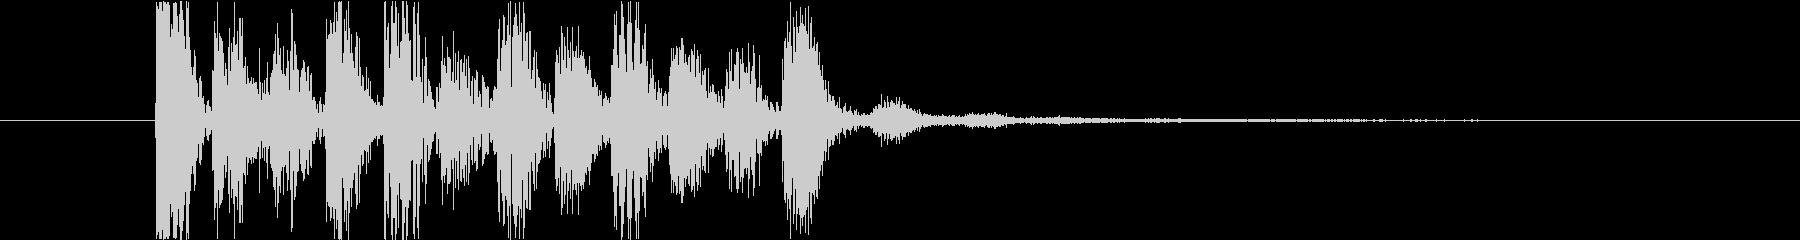 レベルアップなどに使える上昇音の未再生の波形